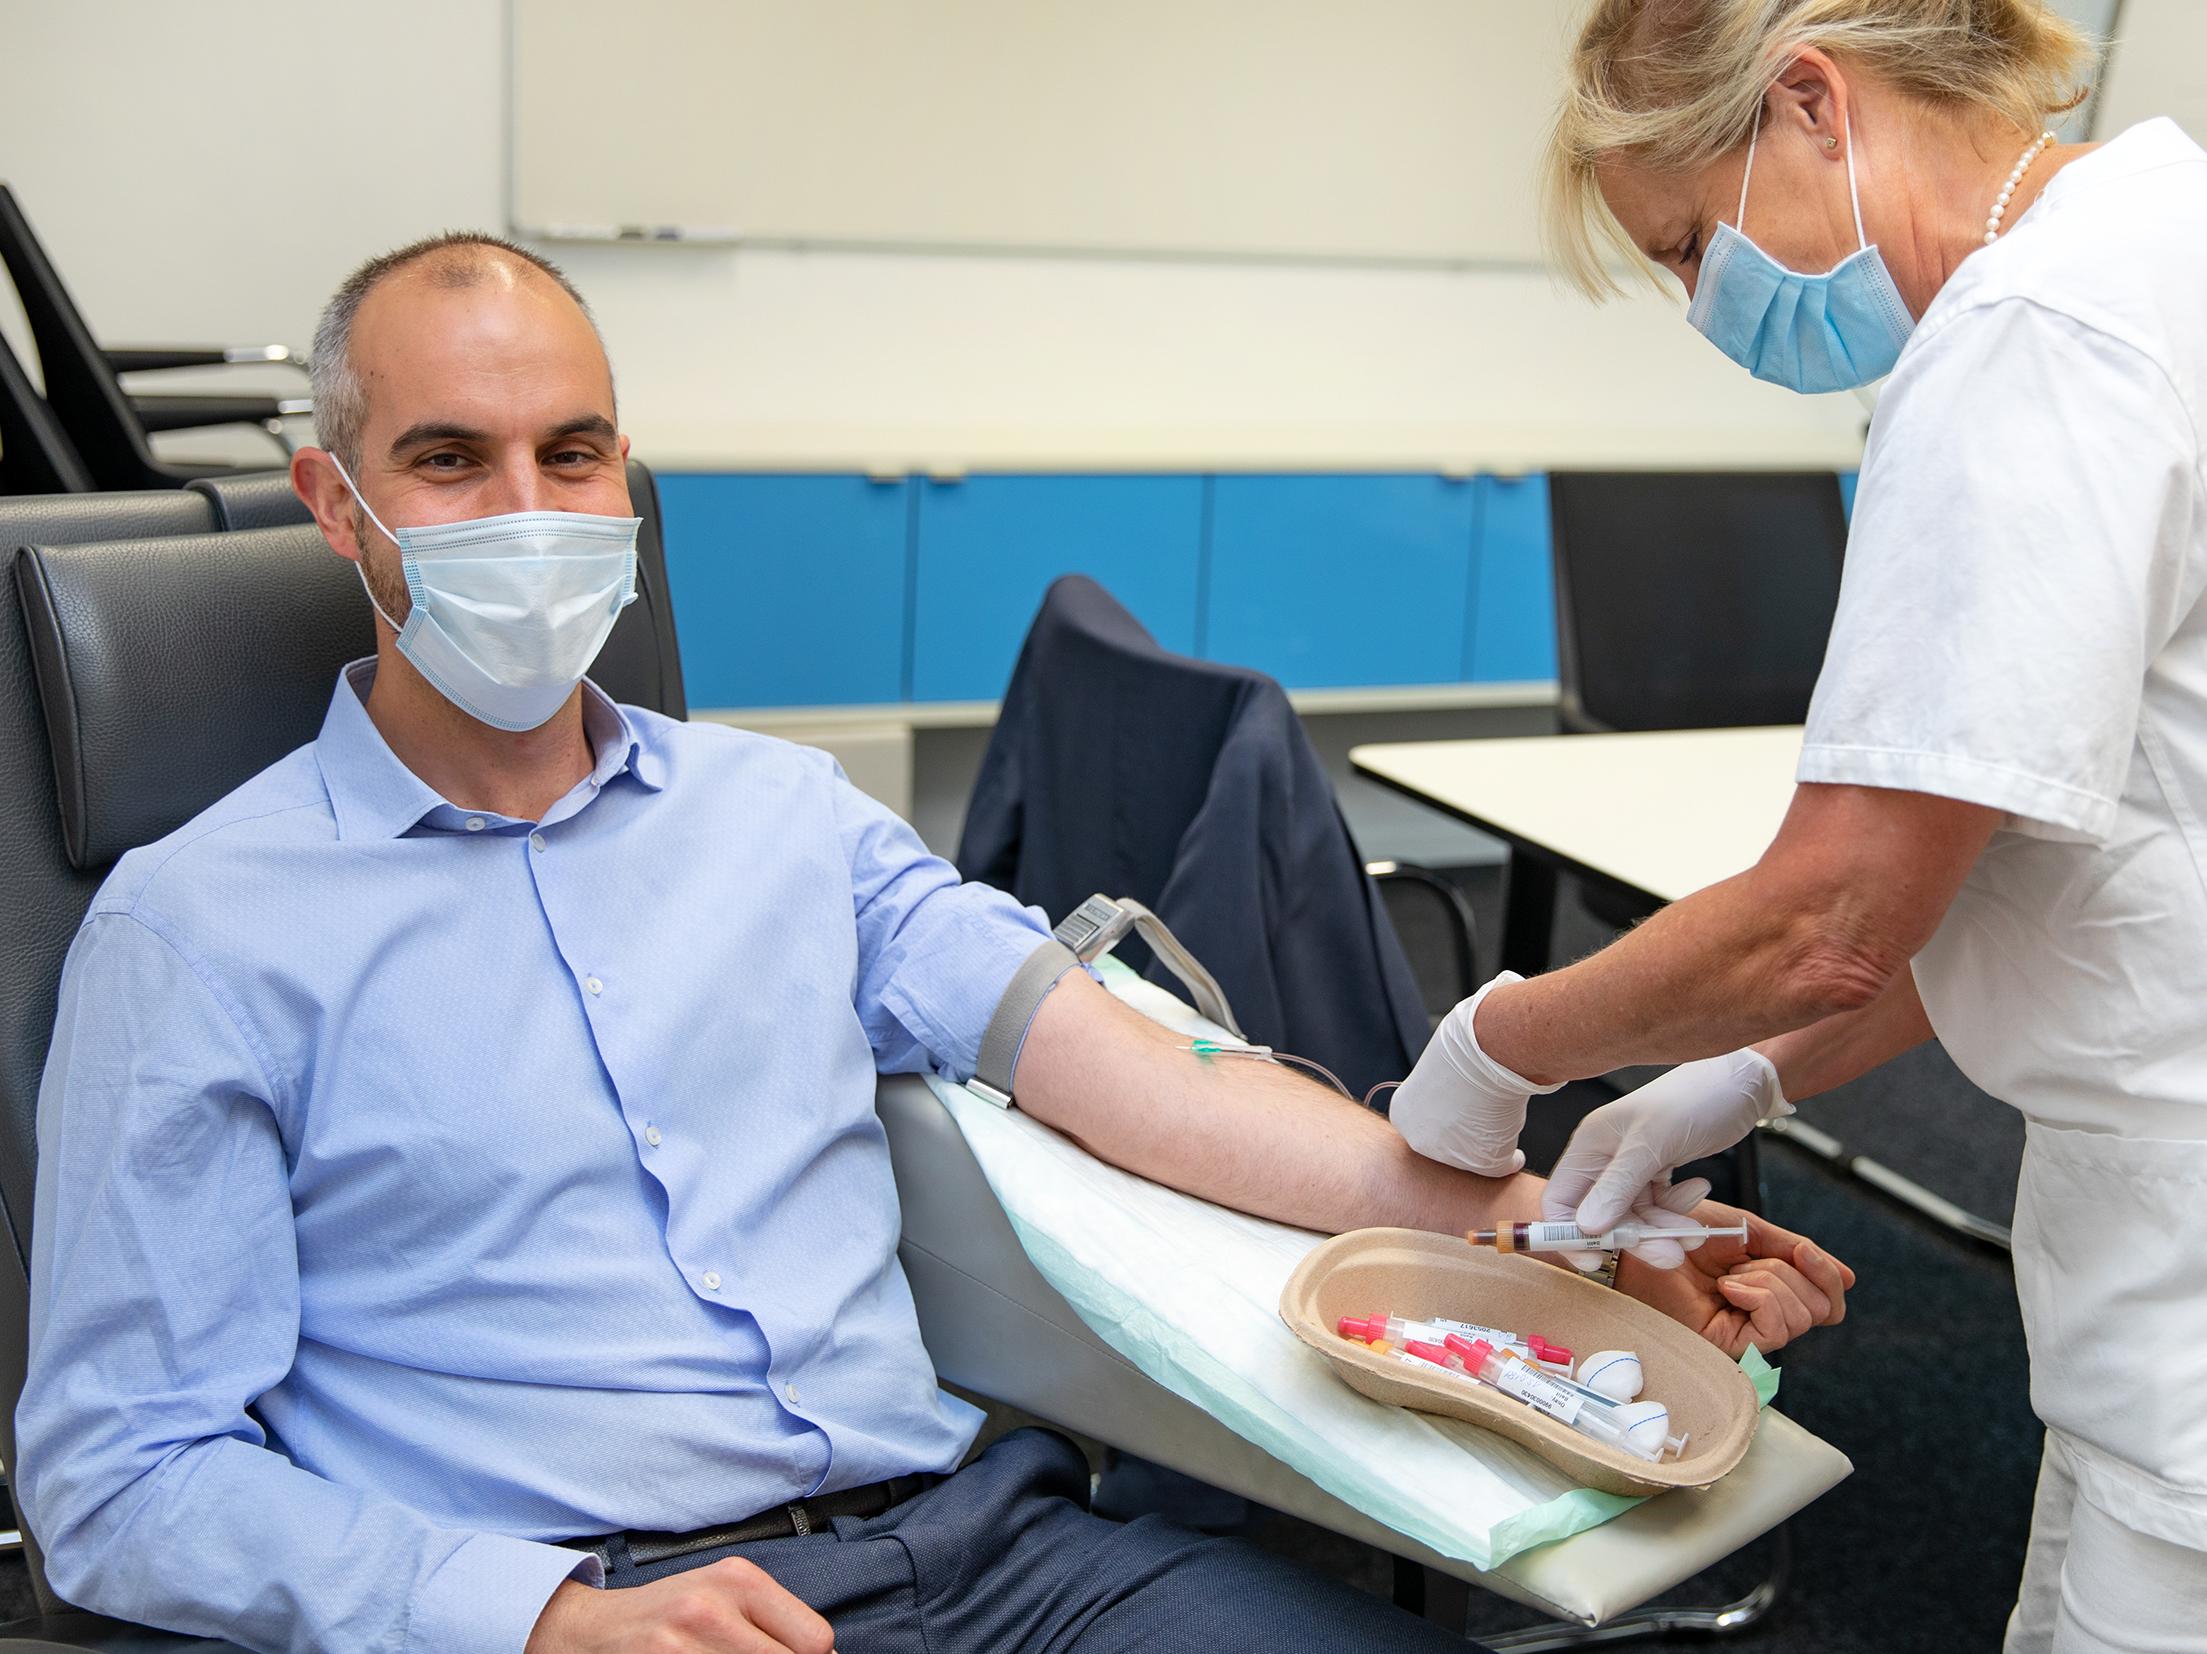 Mann mit Mundschutz, dem von einer Frau mit Mundschutz Blut abgenommen wird.